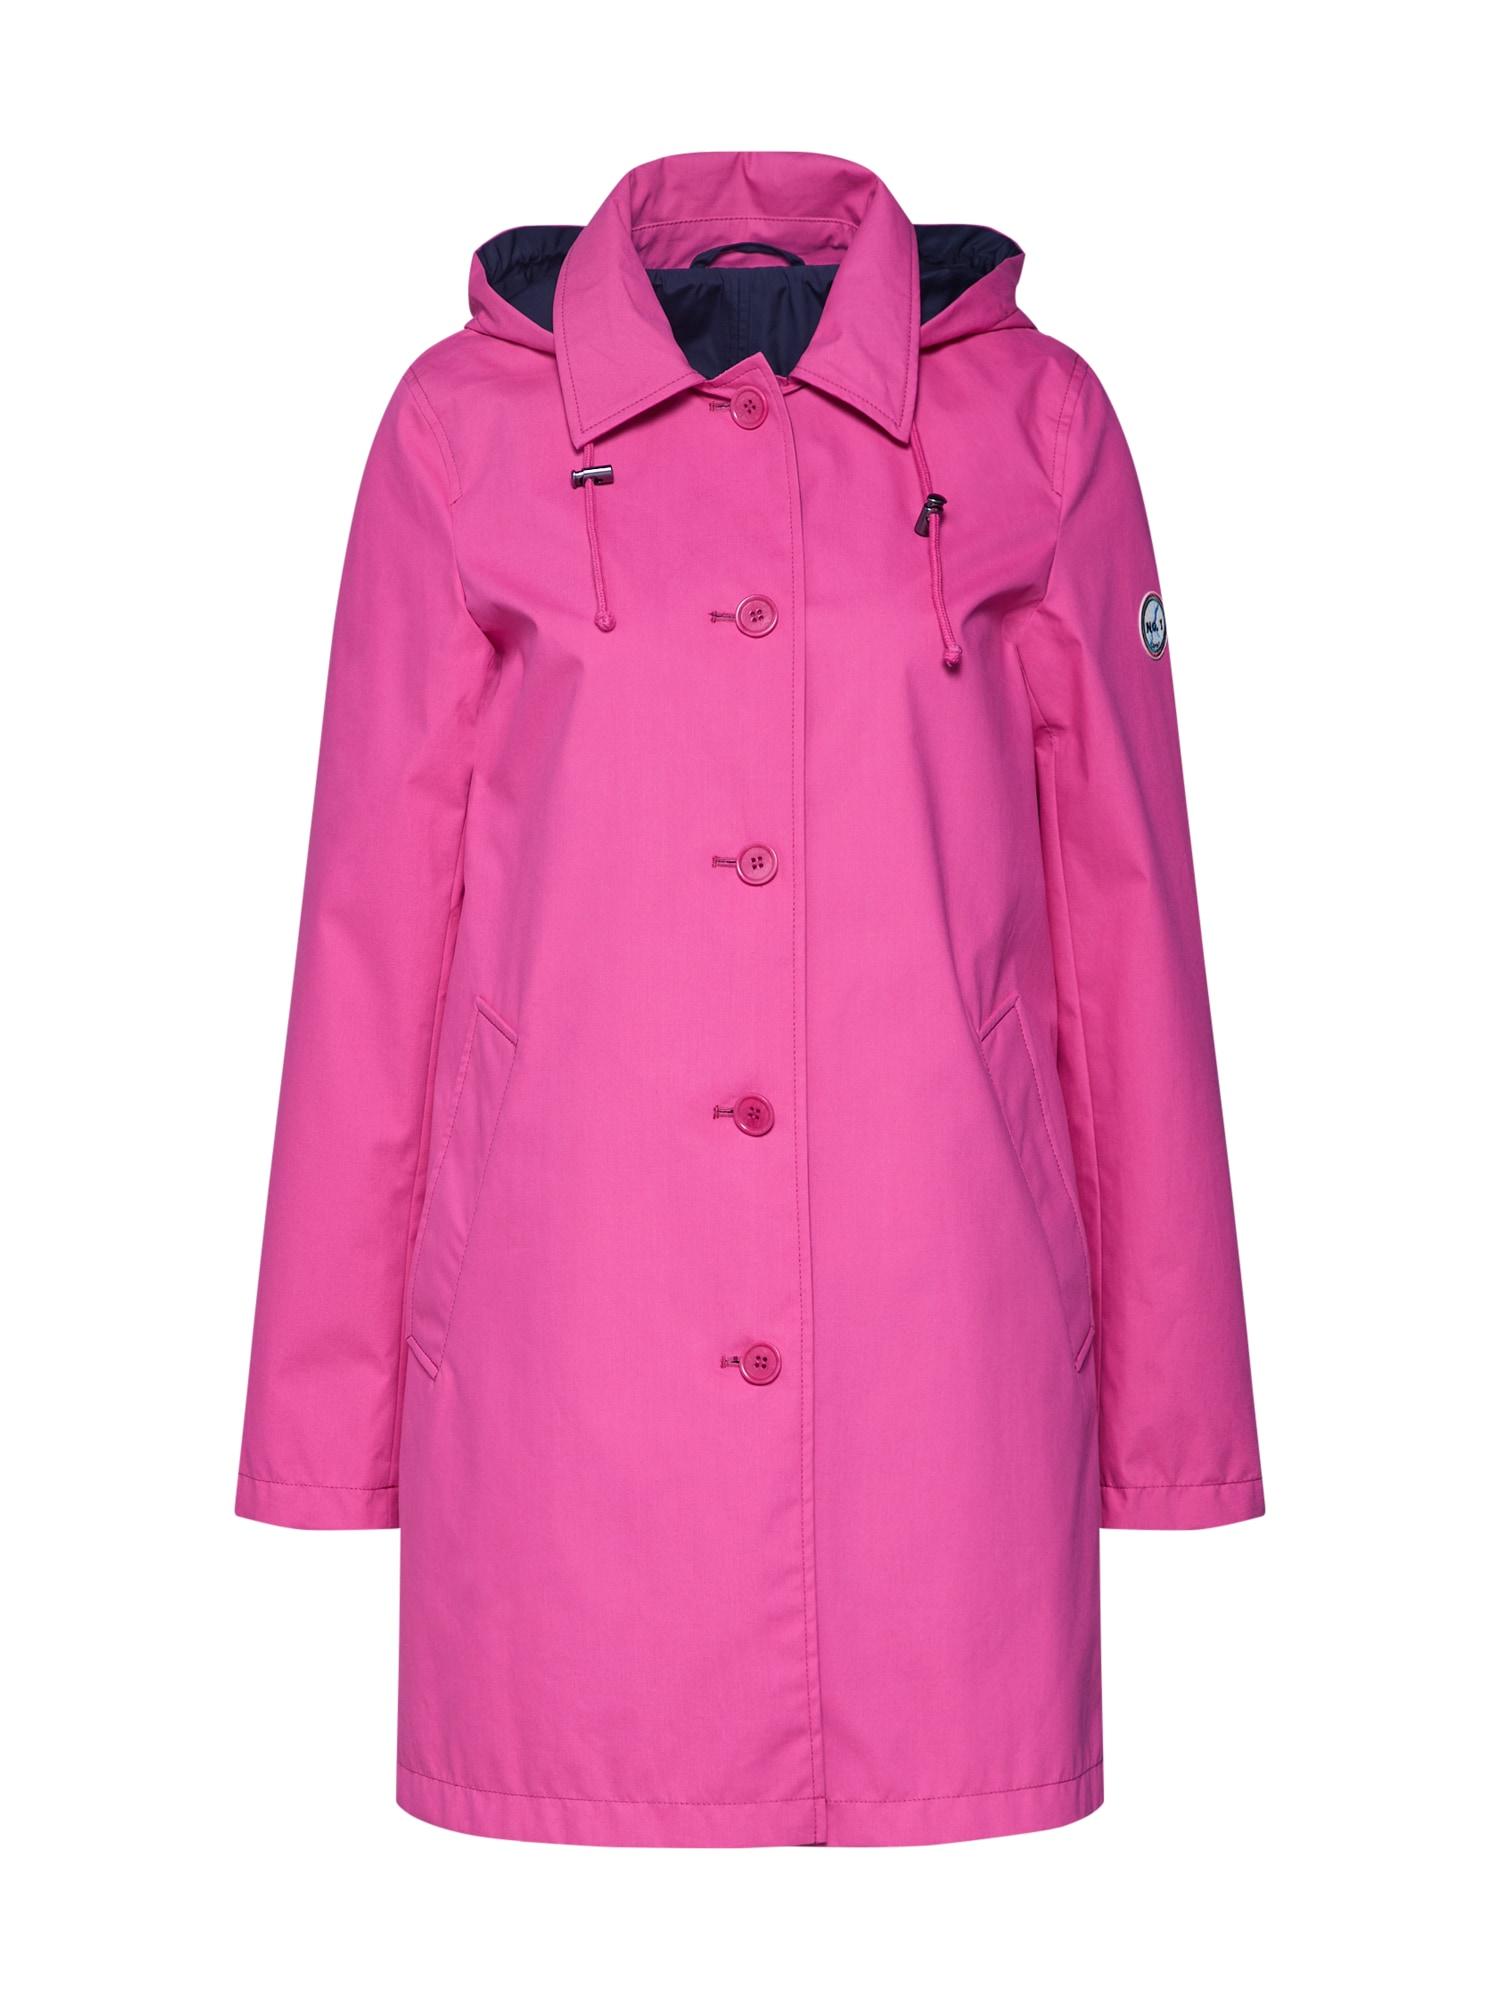 Přechodný kabát VIOLA kobaltová modř pink No. 1 Como